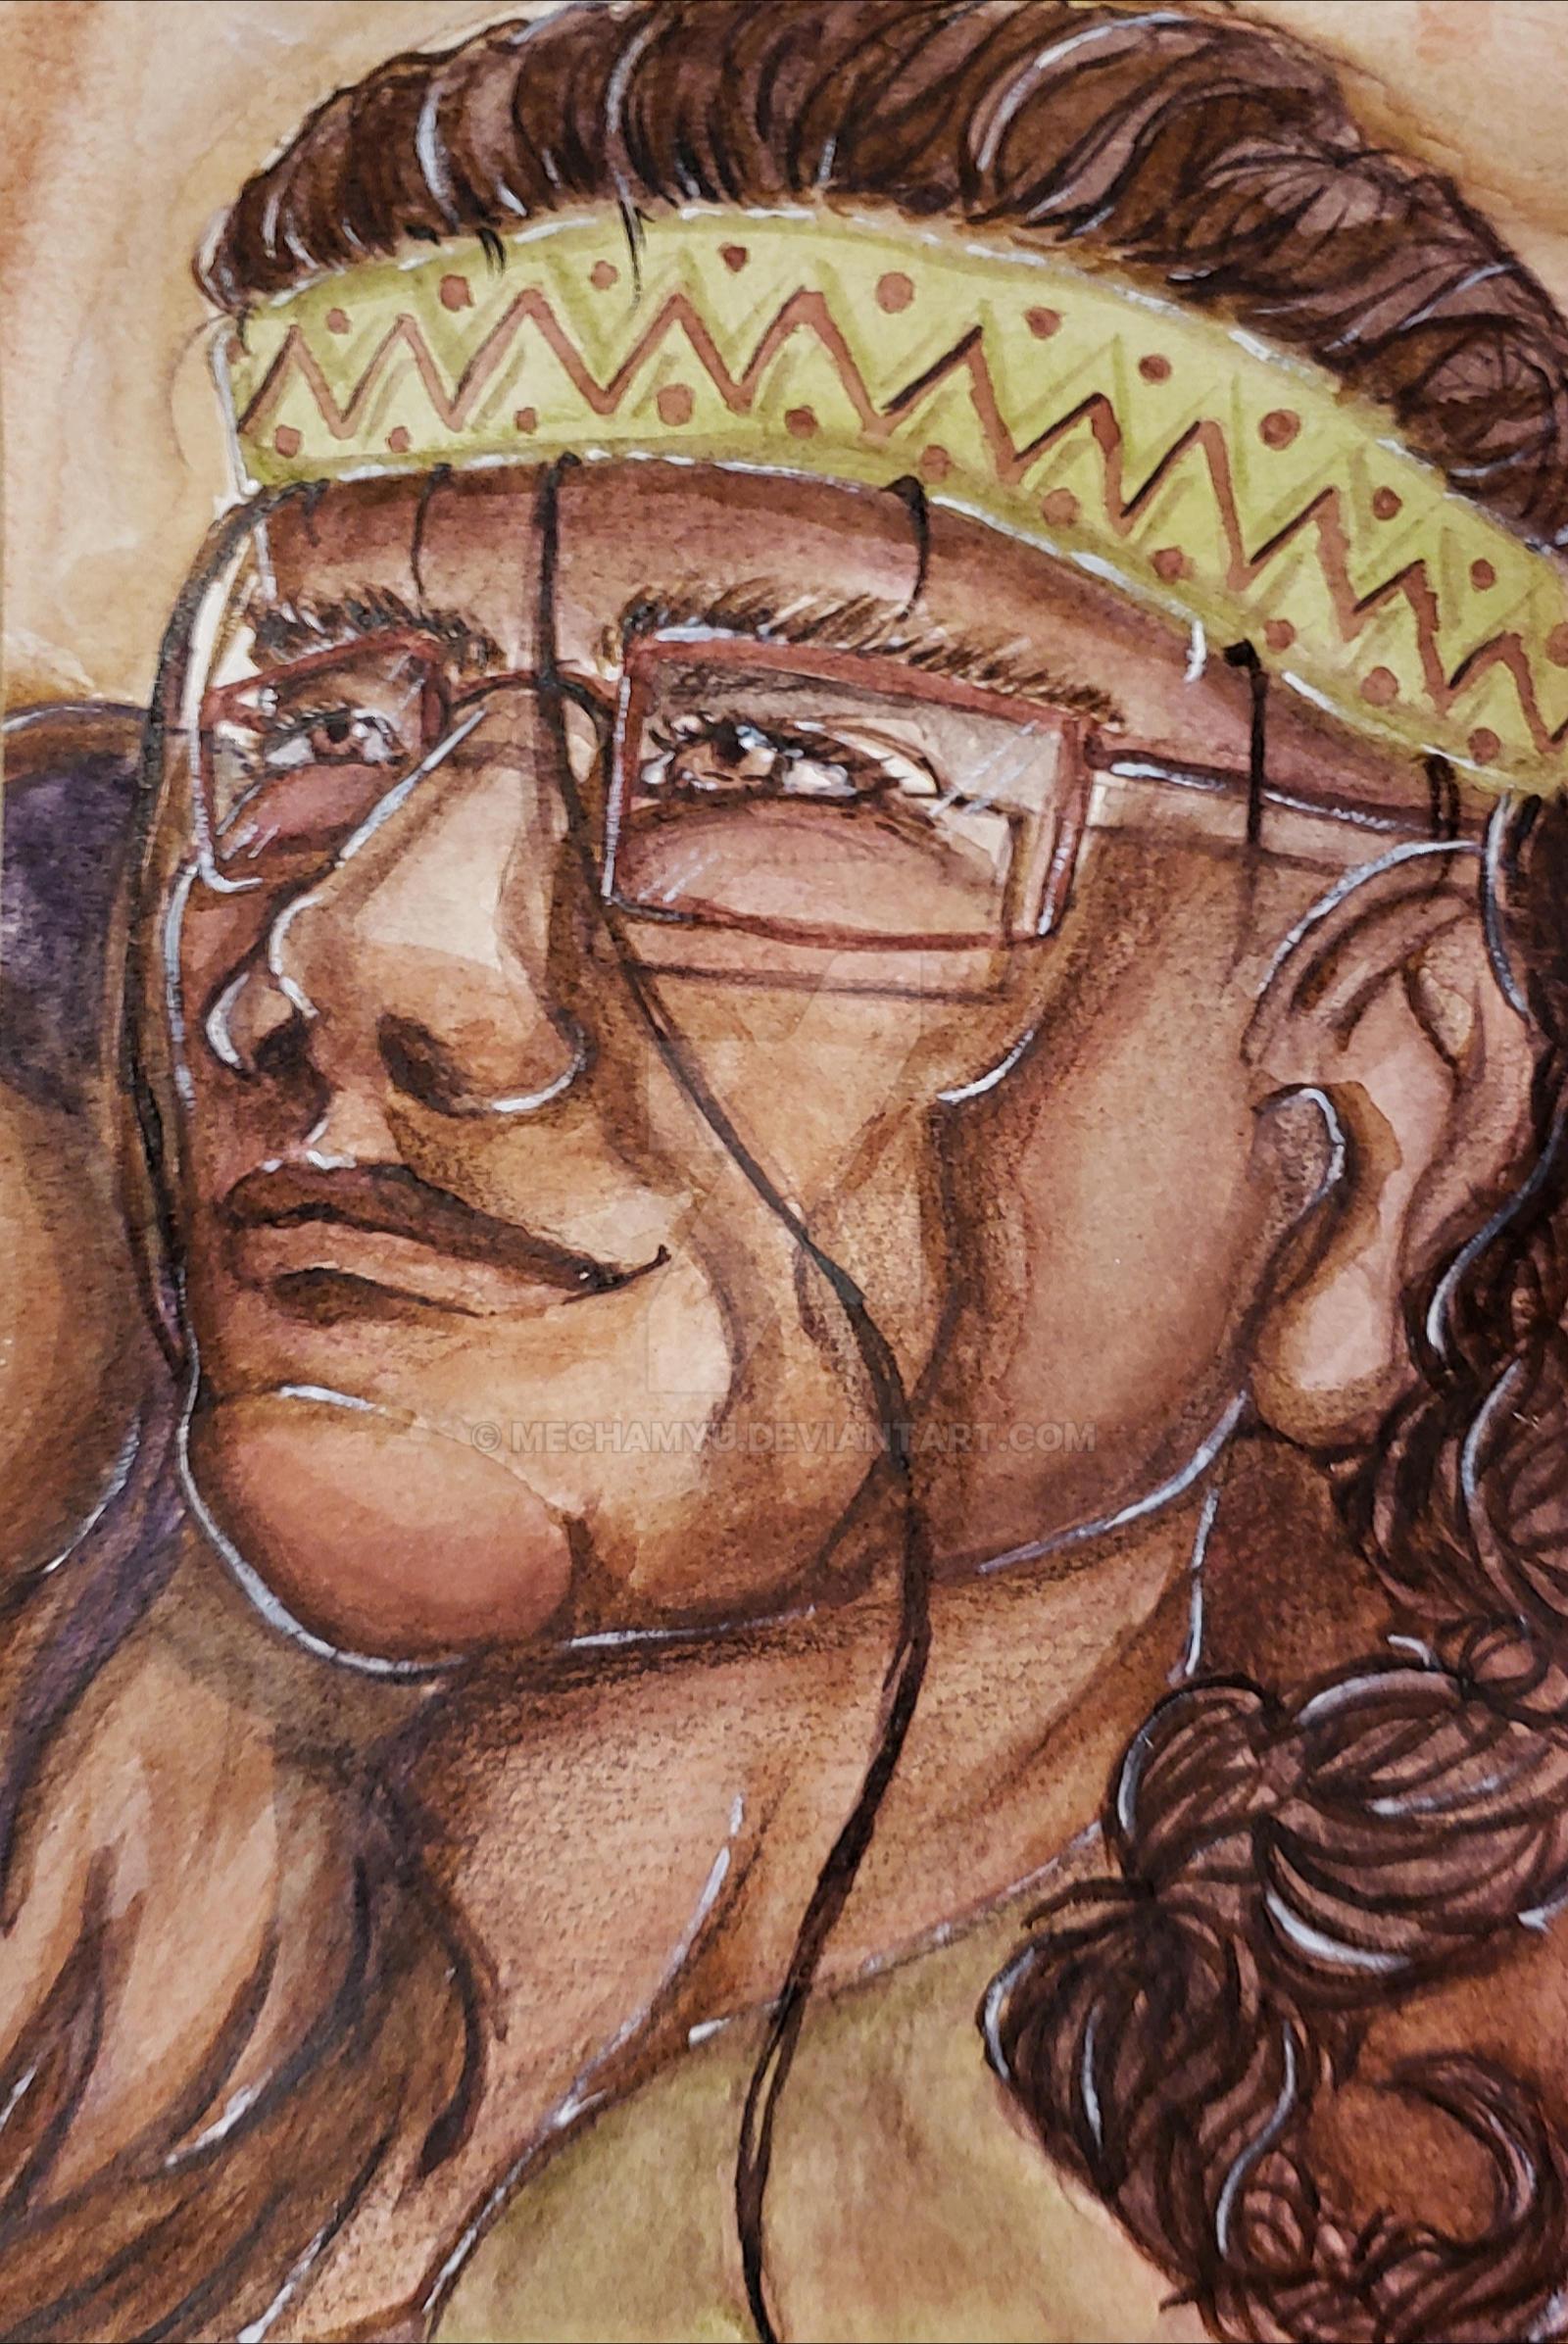 Watercolor painting portrait